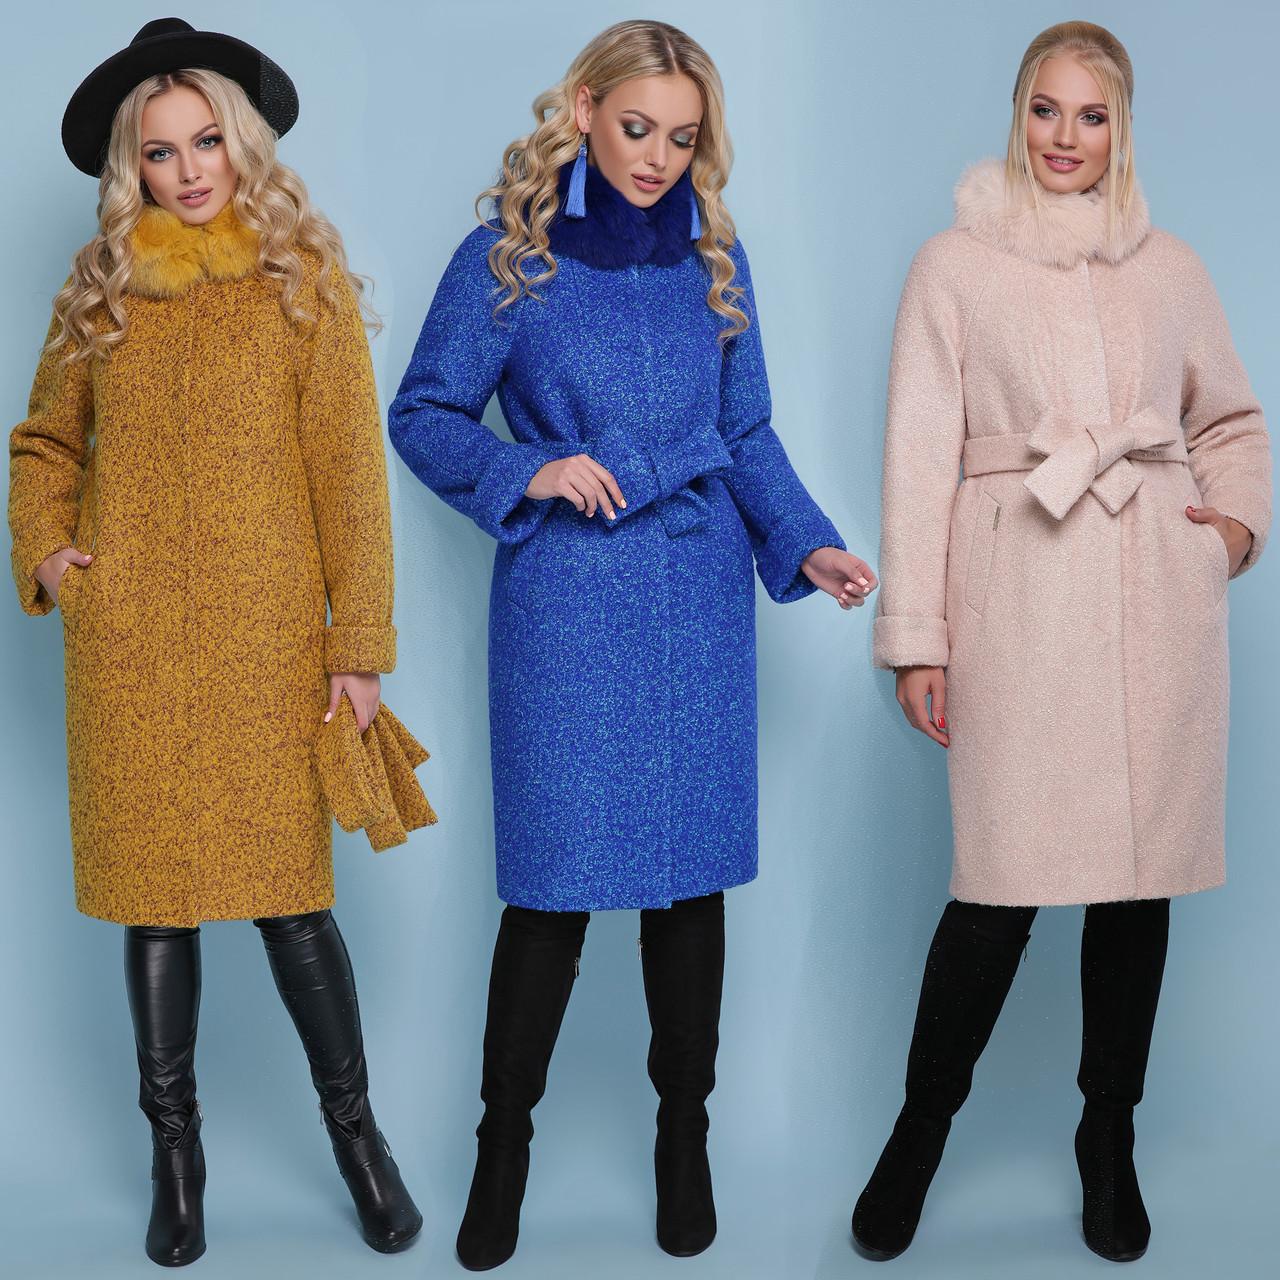 d74dced140e Зимнее женское пальто ниже колена с мехом и поясом - Интернет-магазин